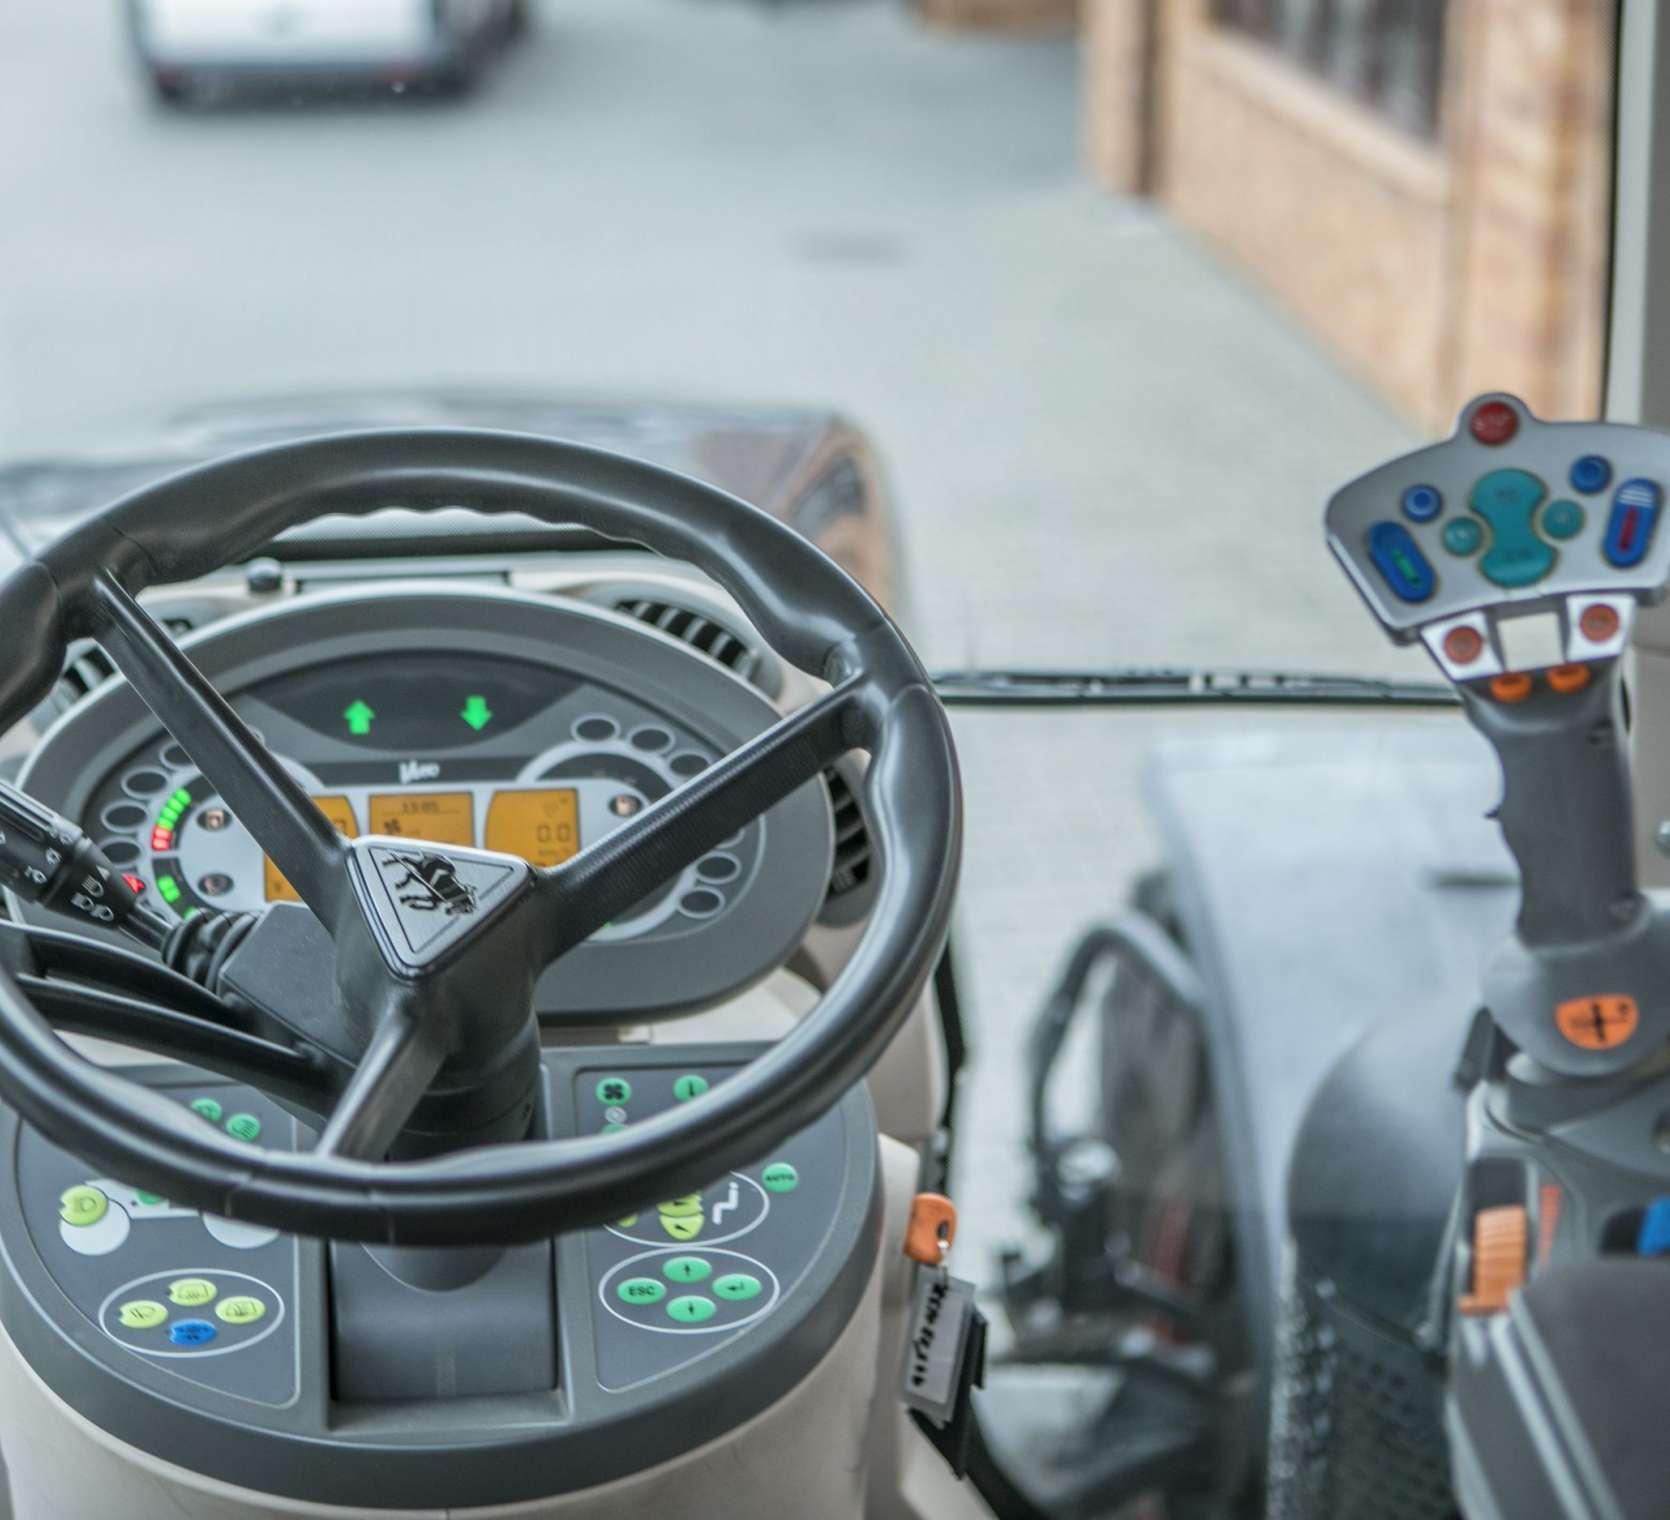 Kierownica , deska rozdzielcza i joystick wewnatrz kabiny ciagnika Fendt 936 z 2013 roku